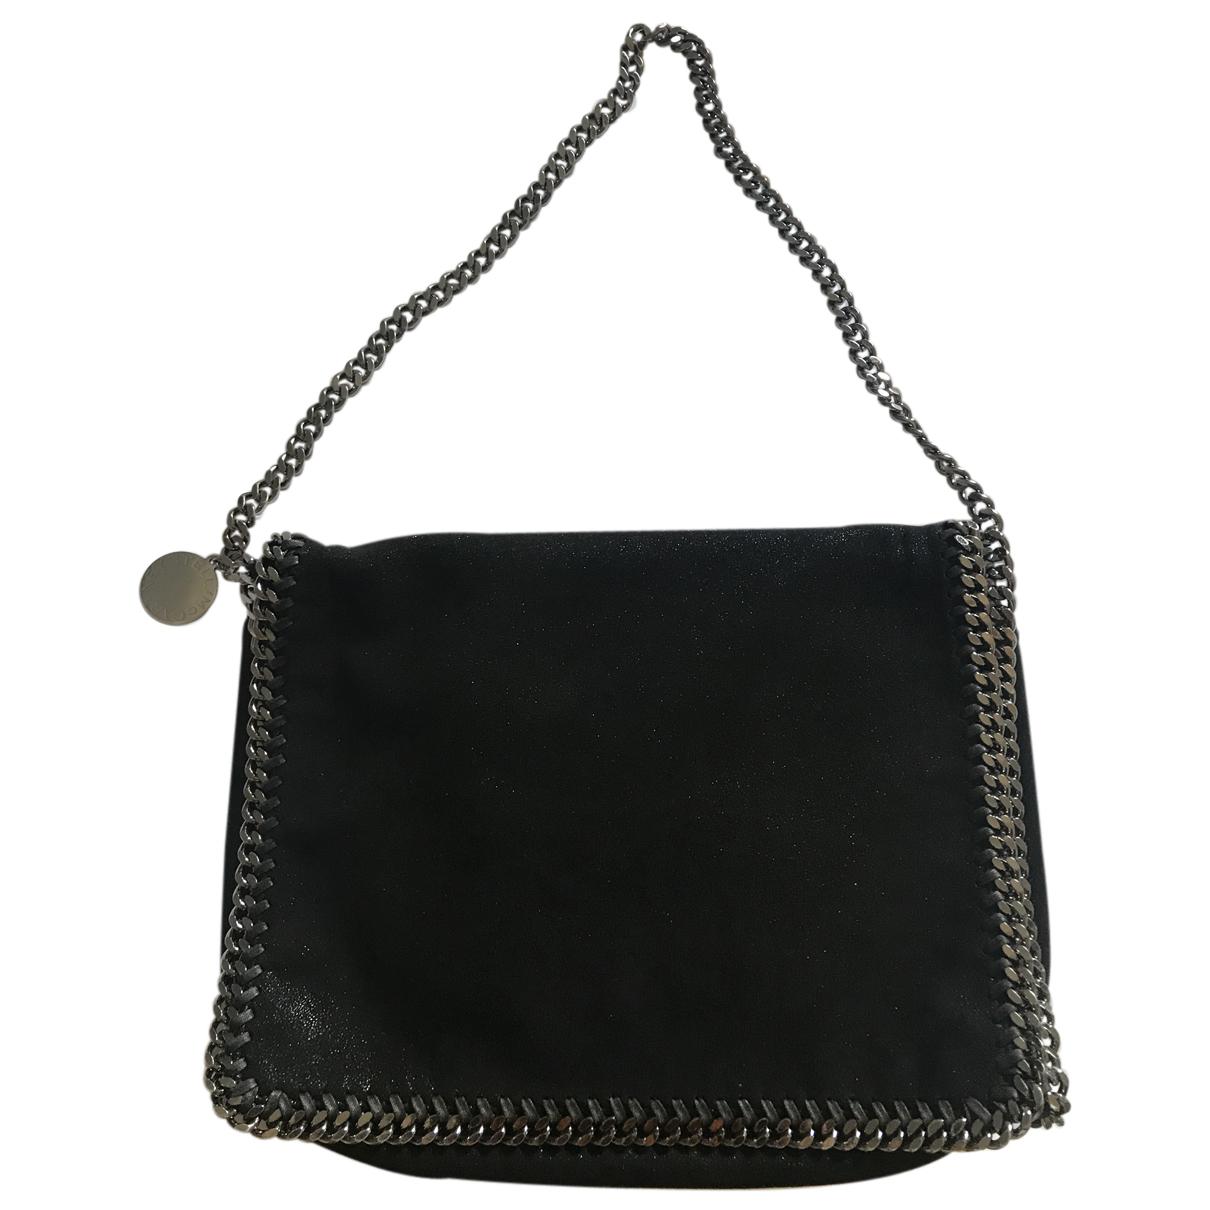 Stella Mccartney Falabella Black Leather handbag for Women N